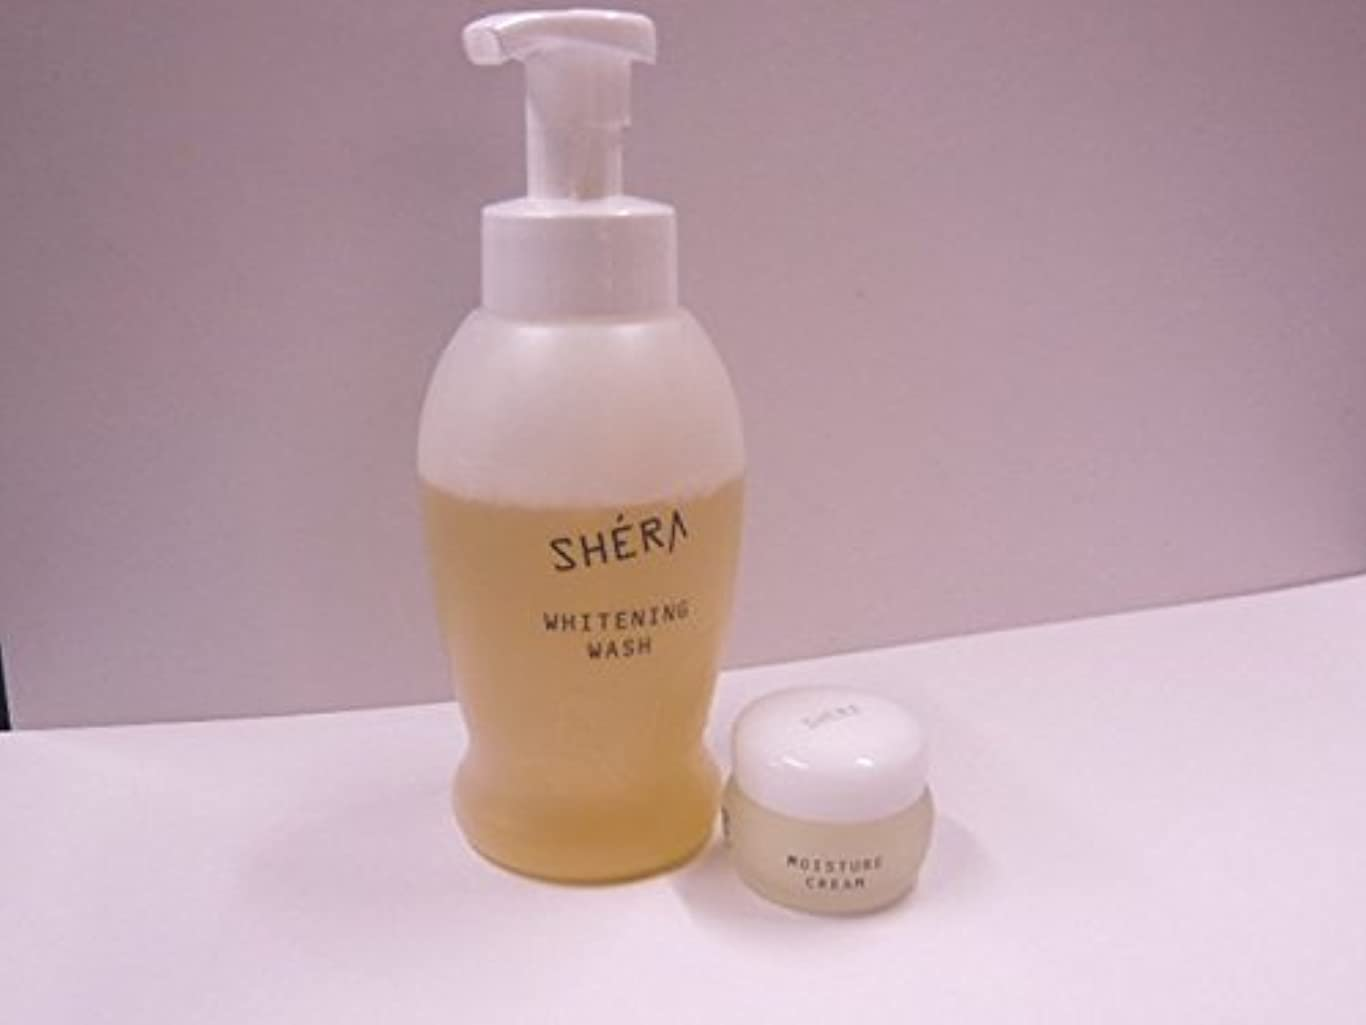 プラグ通信するサッカーきれいになる2!SHERA シェラバートン シェラウオッシュ 380ml泡タイプ+SHERA moisture cream(保湿ジェル)35g